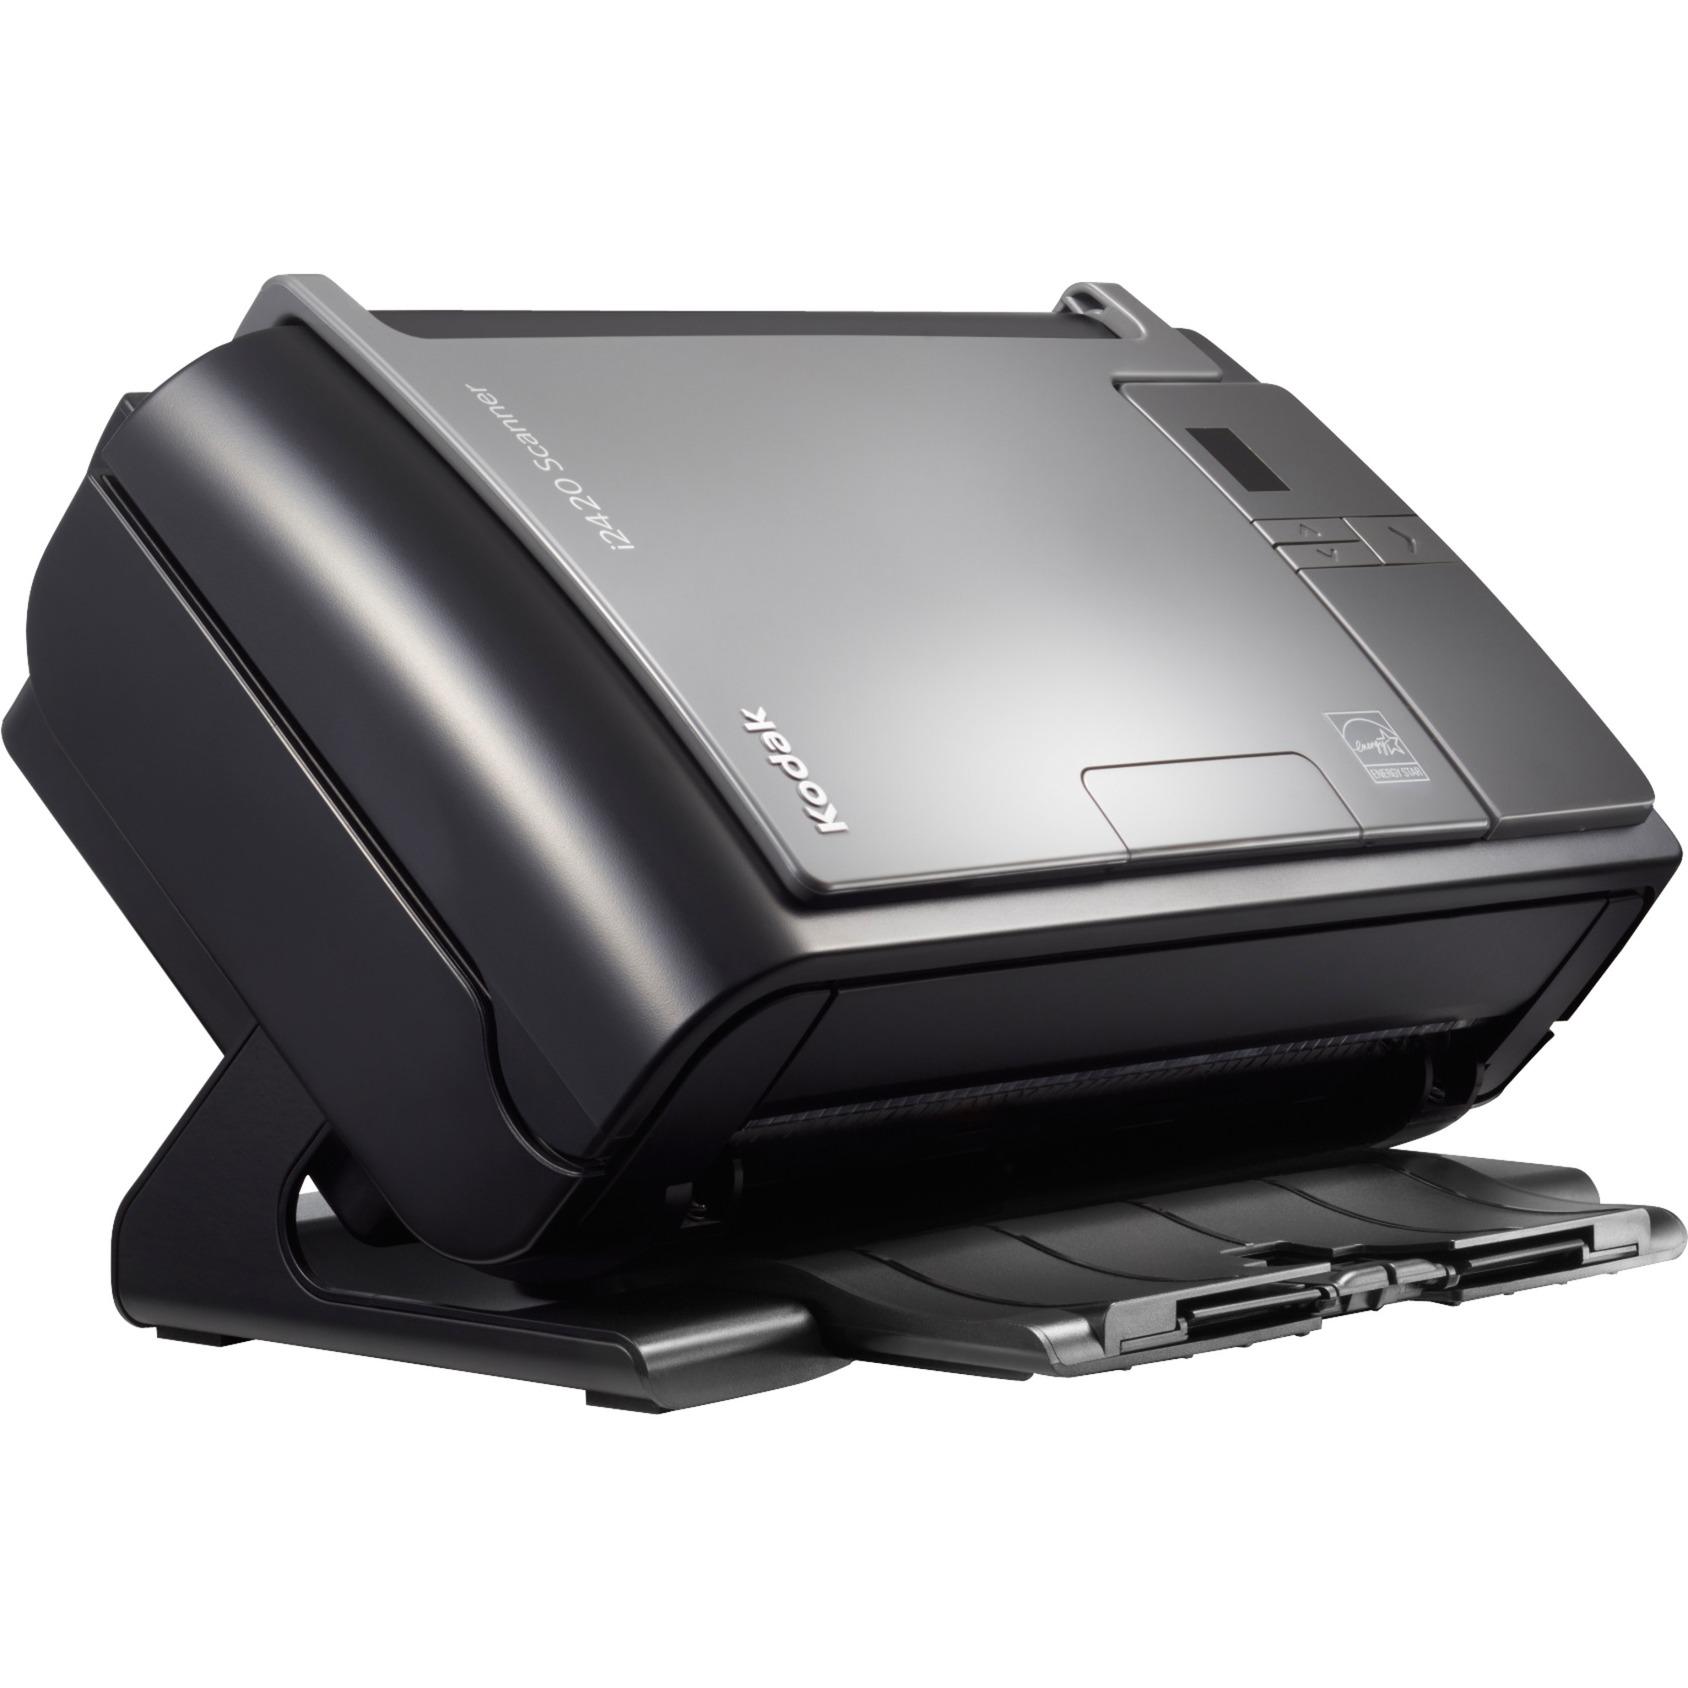 i2420 600 x 600 DPI Escáner con alimentador automático de documentos (ADF) Negro, Gris A4, Escáner de alimentación de hojas